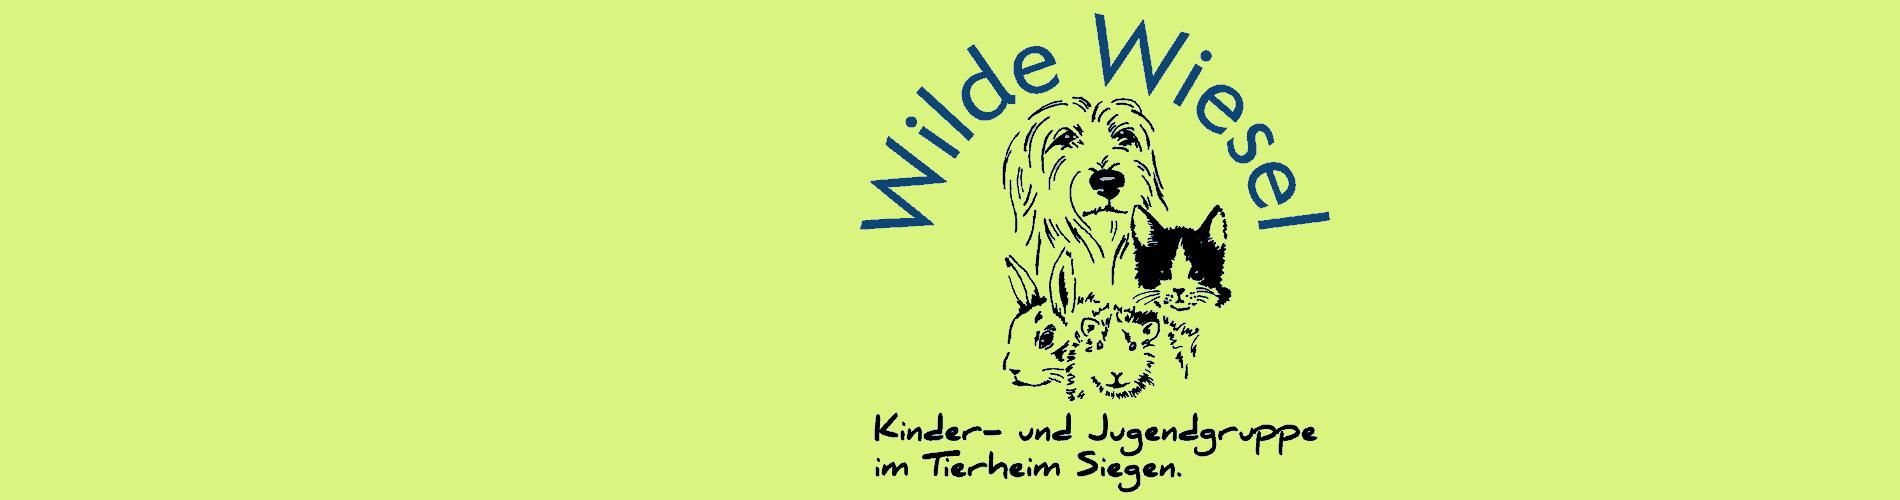 Wilde Wiesel